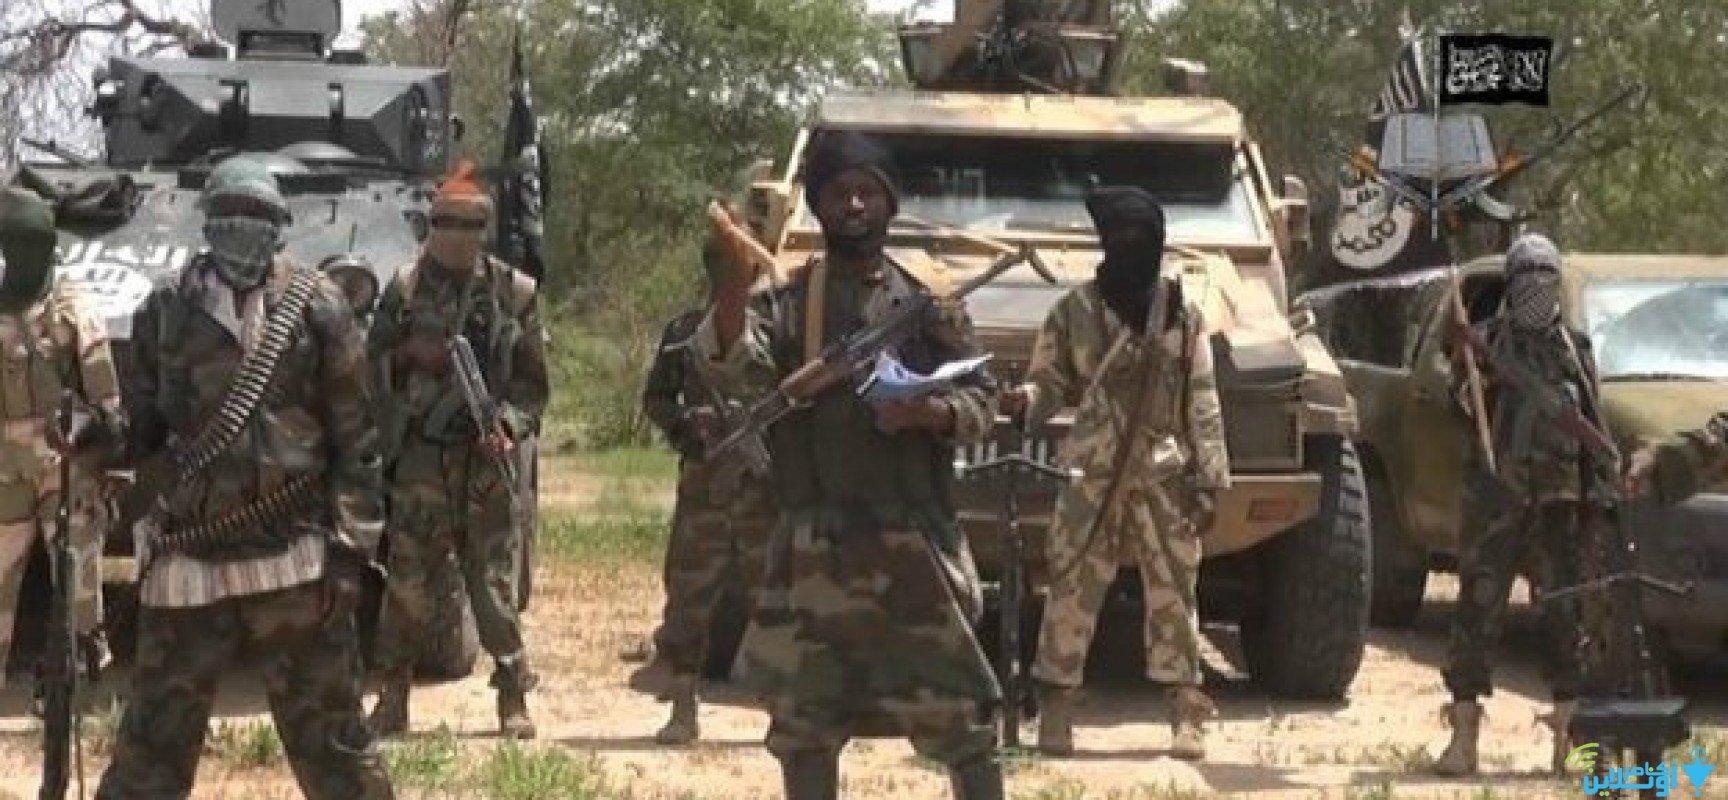 شيكاو زعيم بوكو حرام ينفي مقتله في تسجيل صوتي